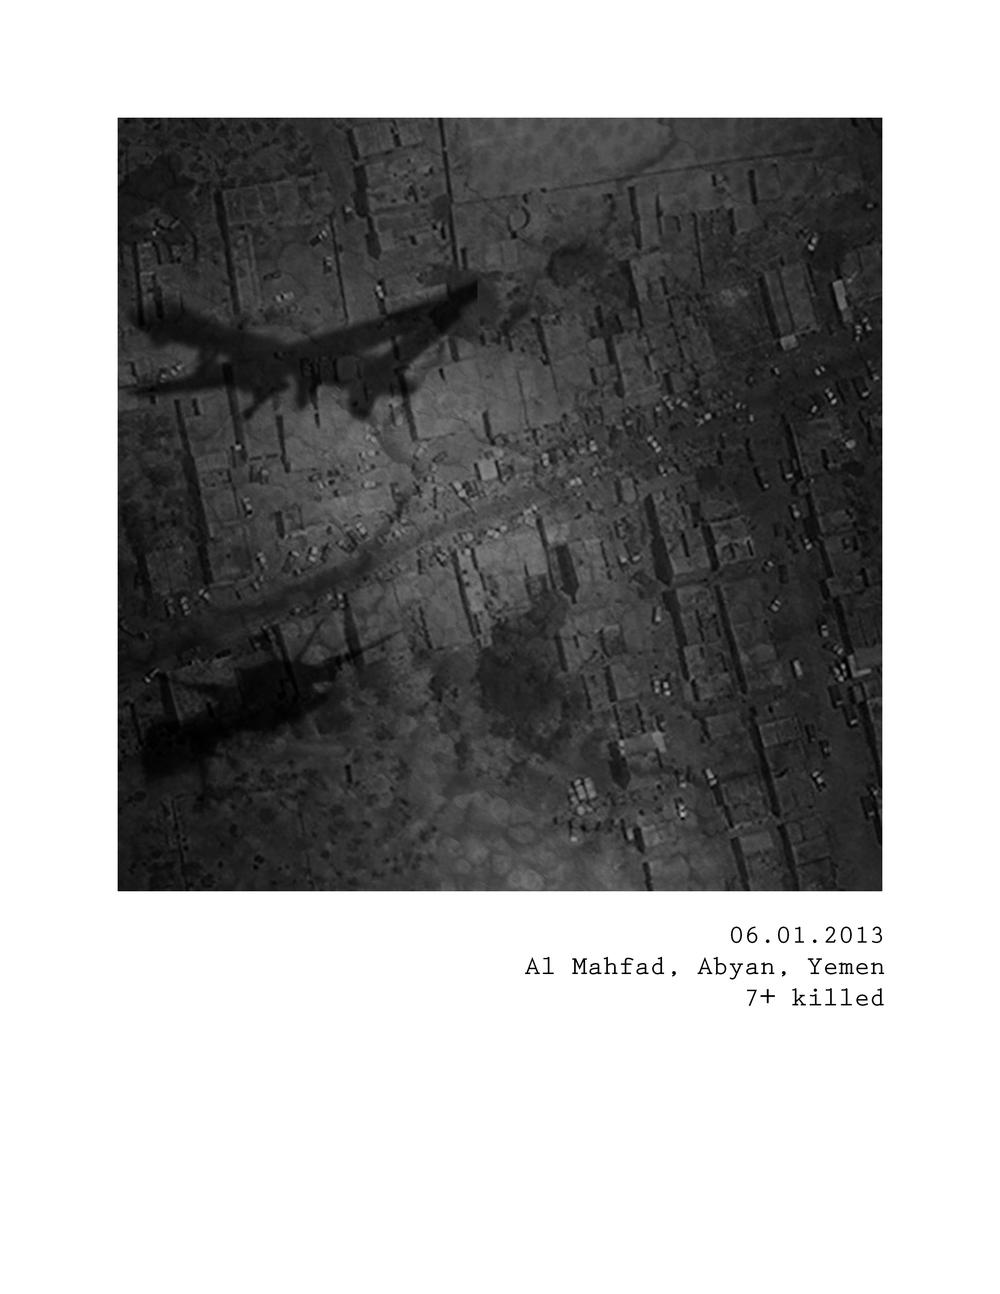 finalbook_drone_10.jpg